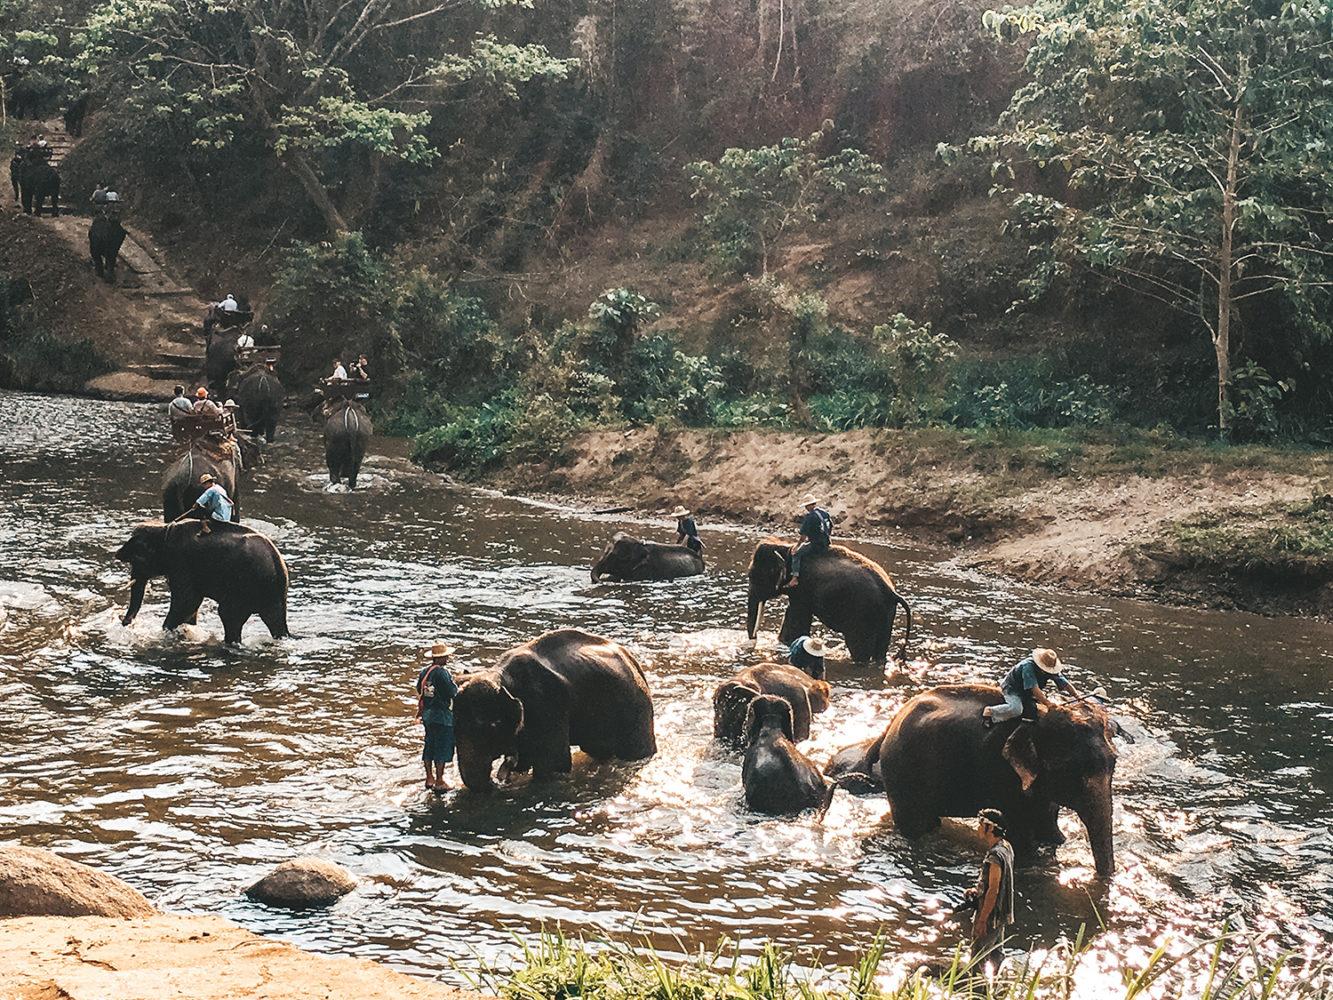 La préparation des éléphants avant leur journée de travail forcé